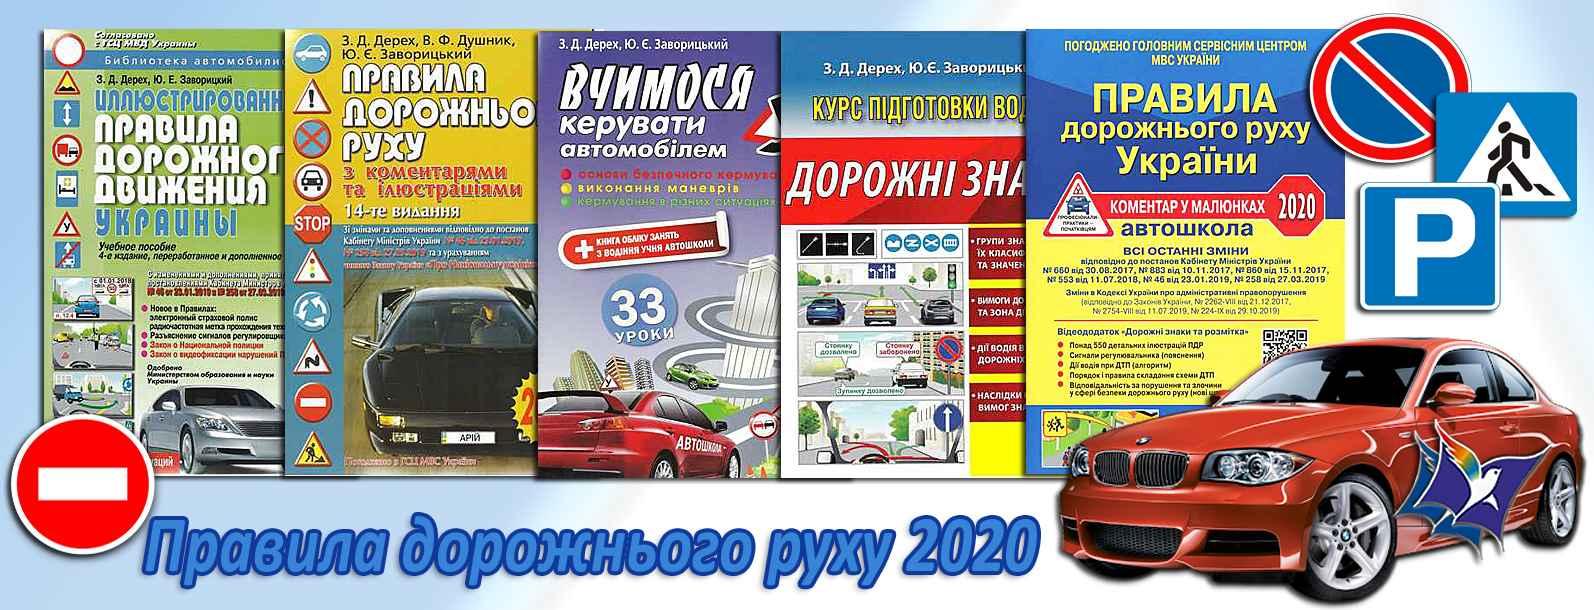 PDR_2020.jpg